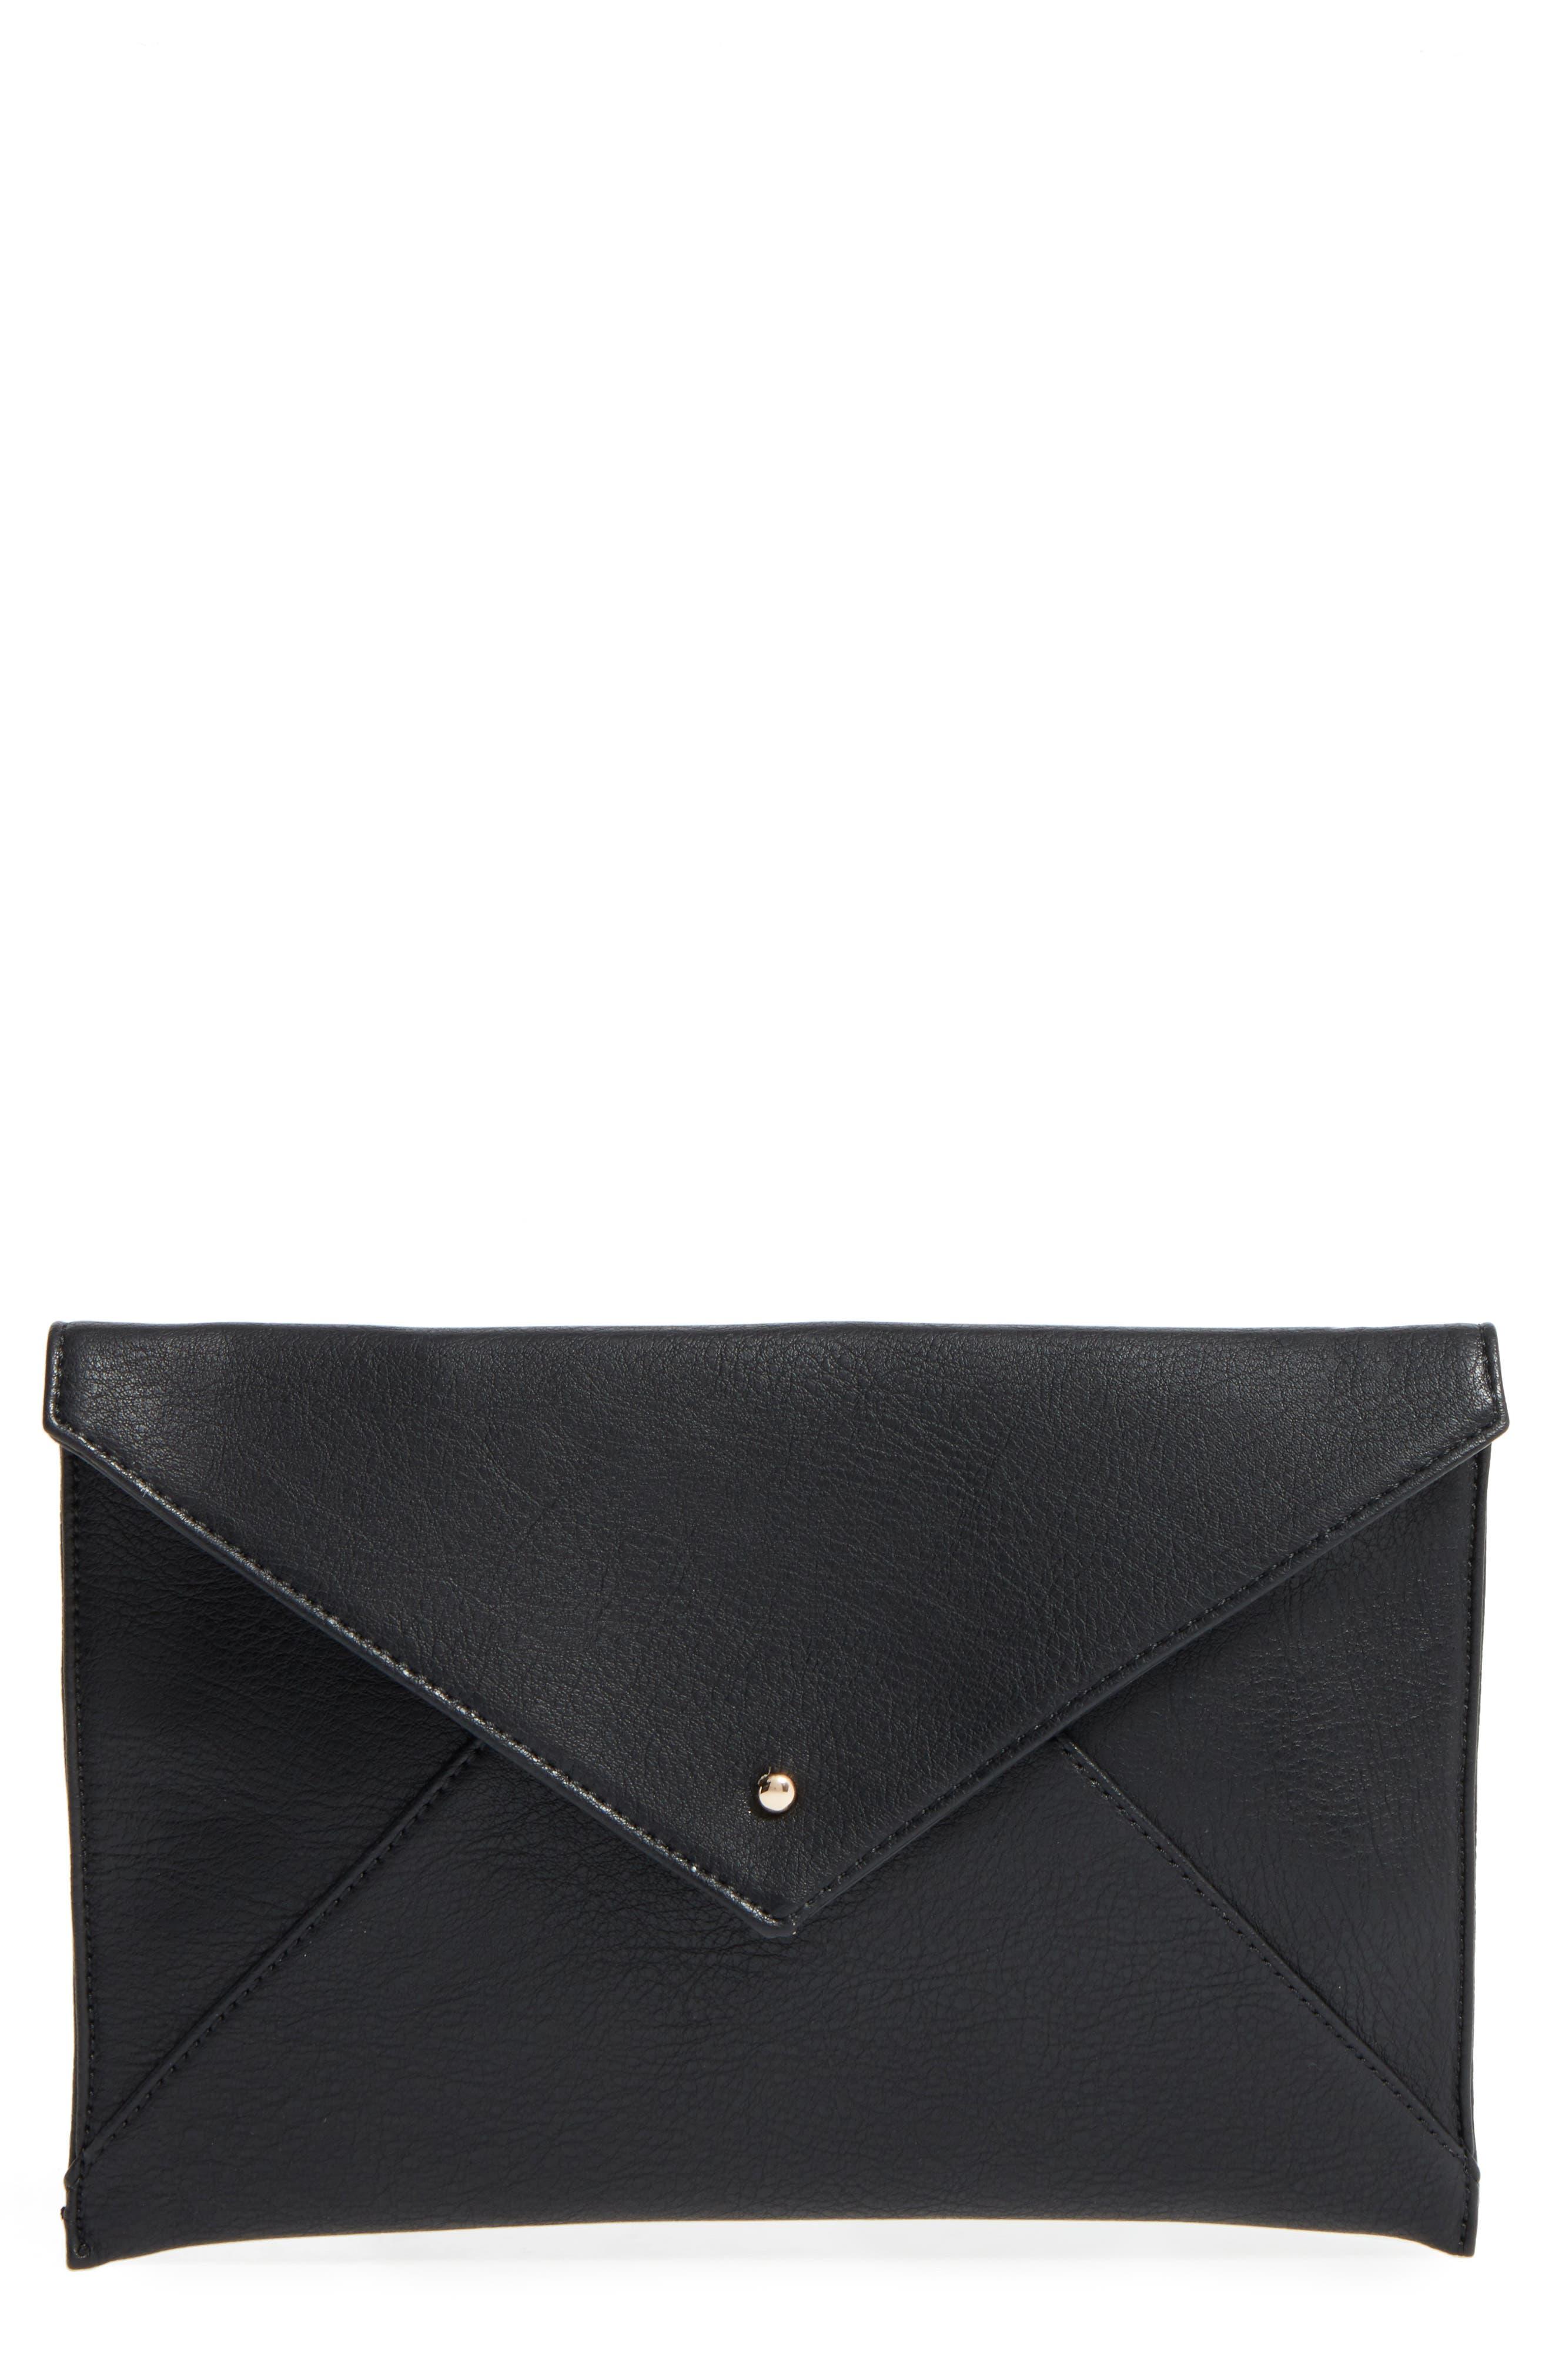 Faux Leather Envelope Clutch, Main, color, 001